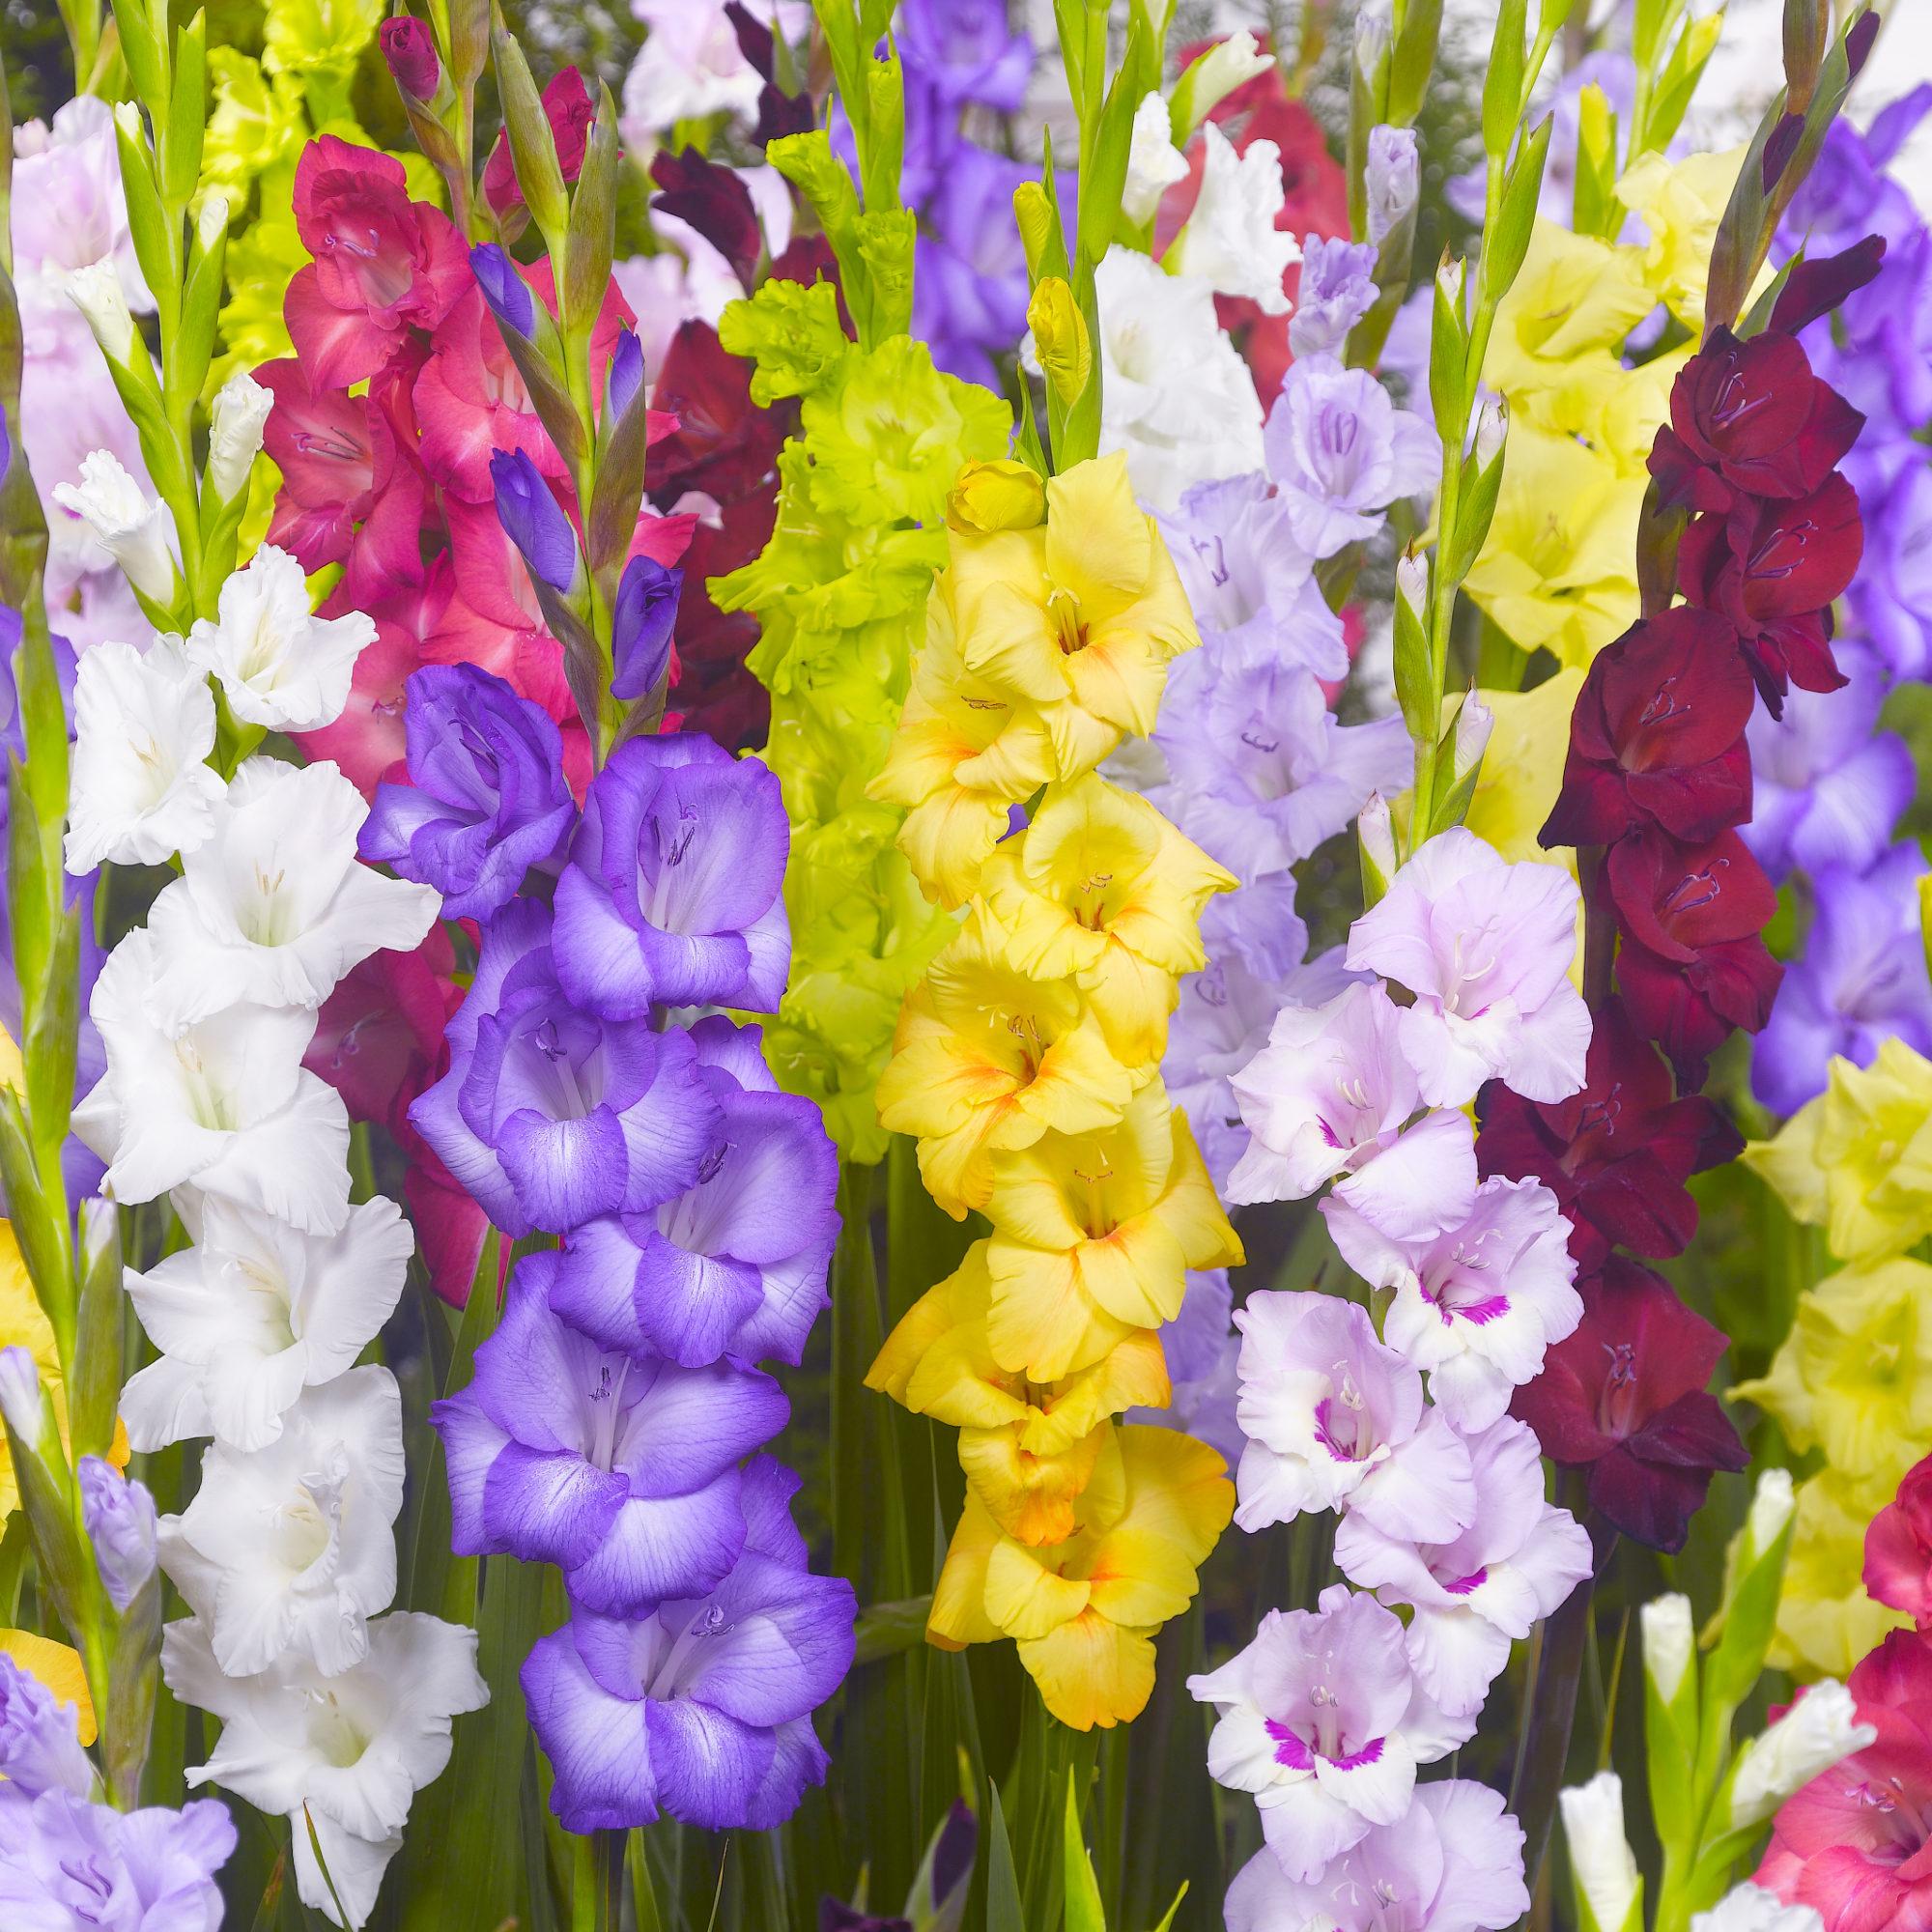 20 Variétés De Bulbes De Printemps : Les Plus Populaires encequiconcerne Fleur Qui Pousse Au Printemps